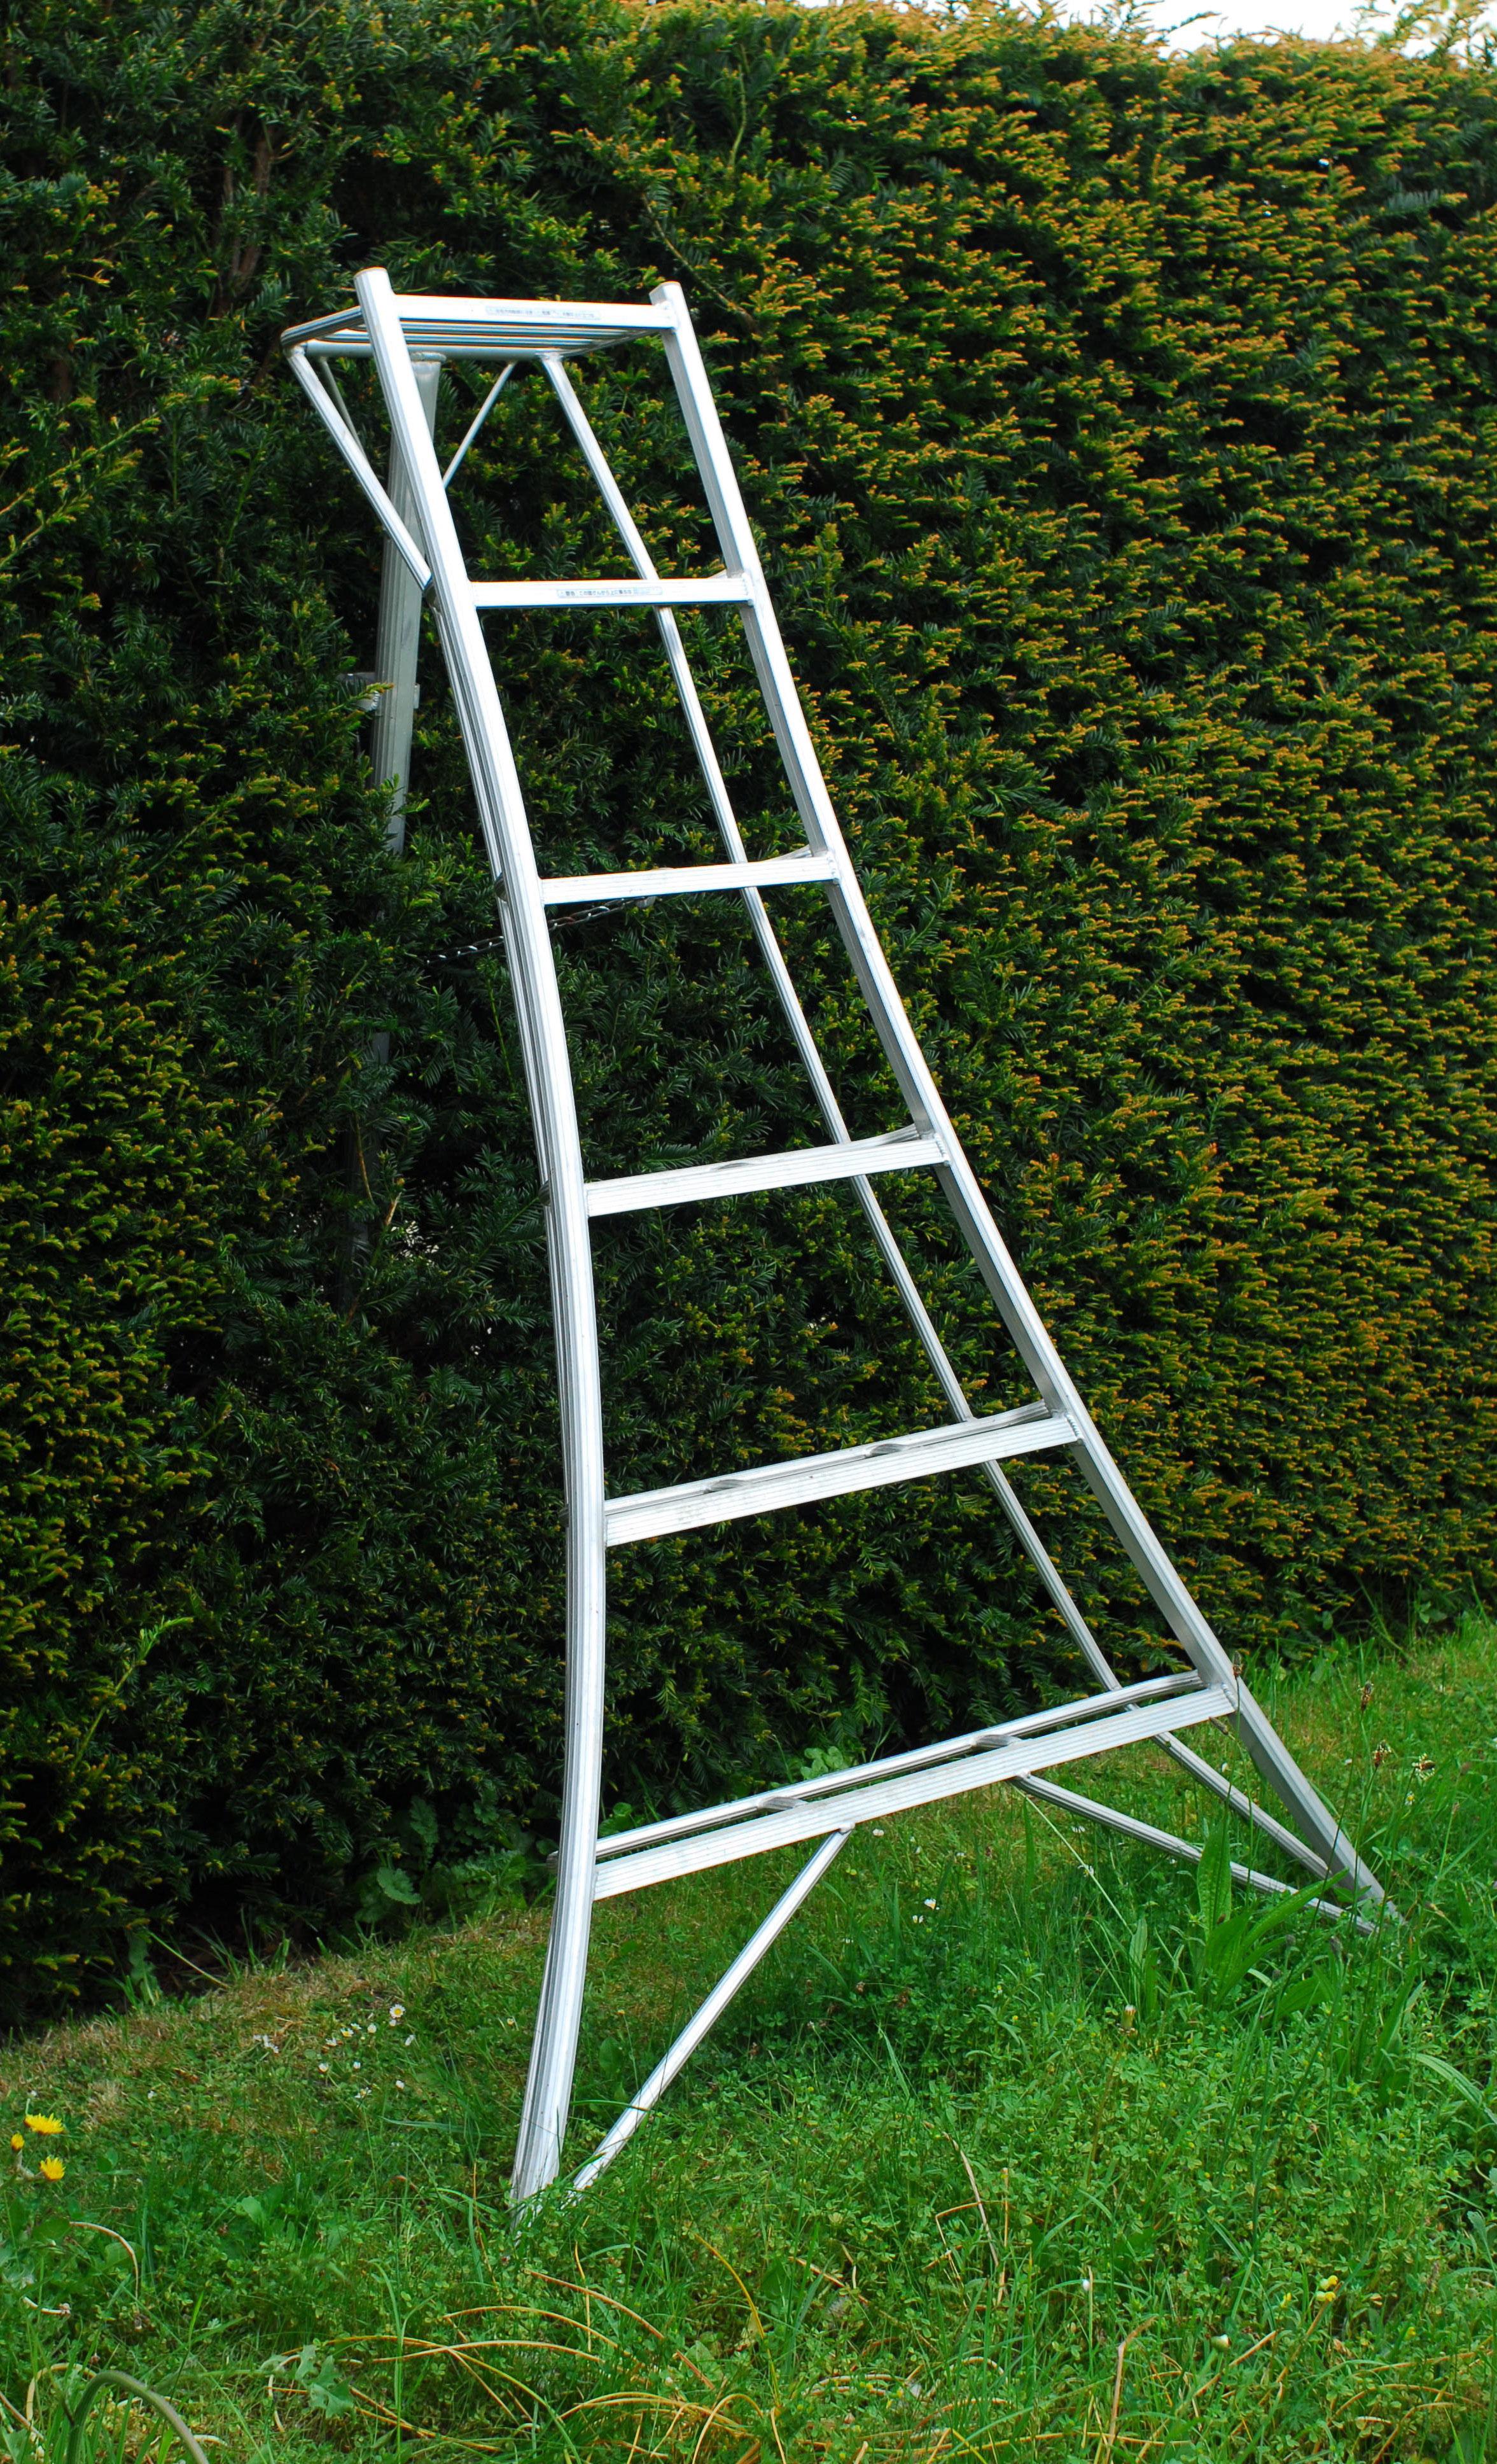 Leiter 3 Holm Leiter Niwaki Aluminium 300cm Bei